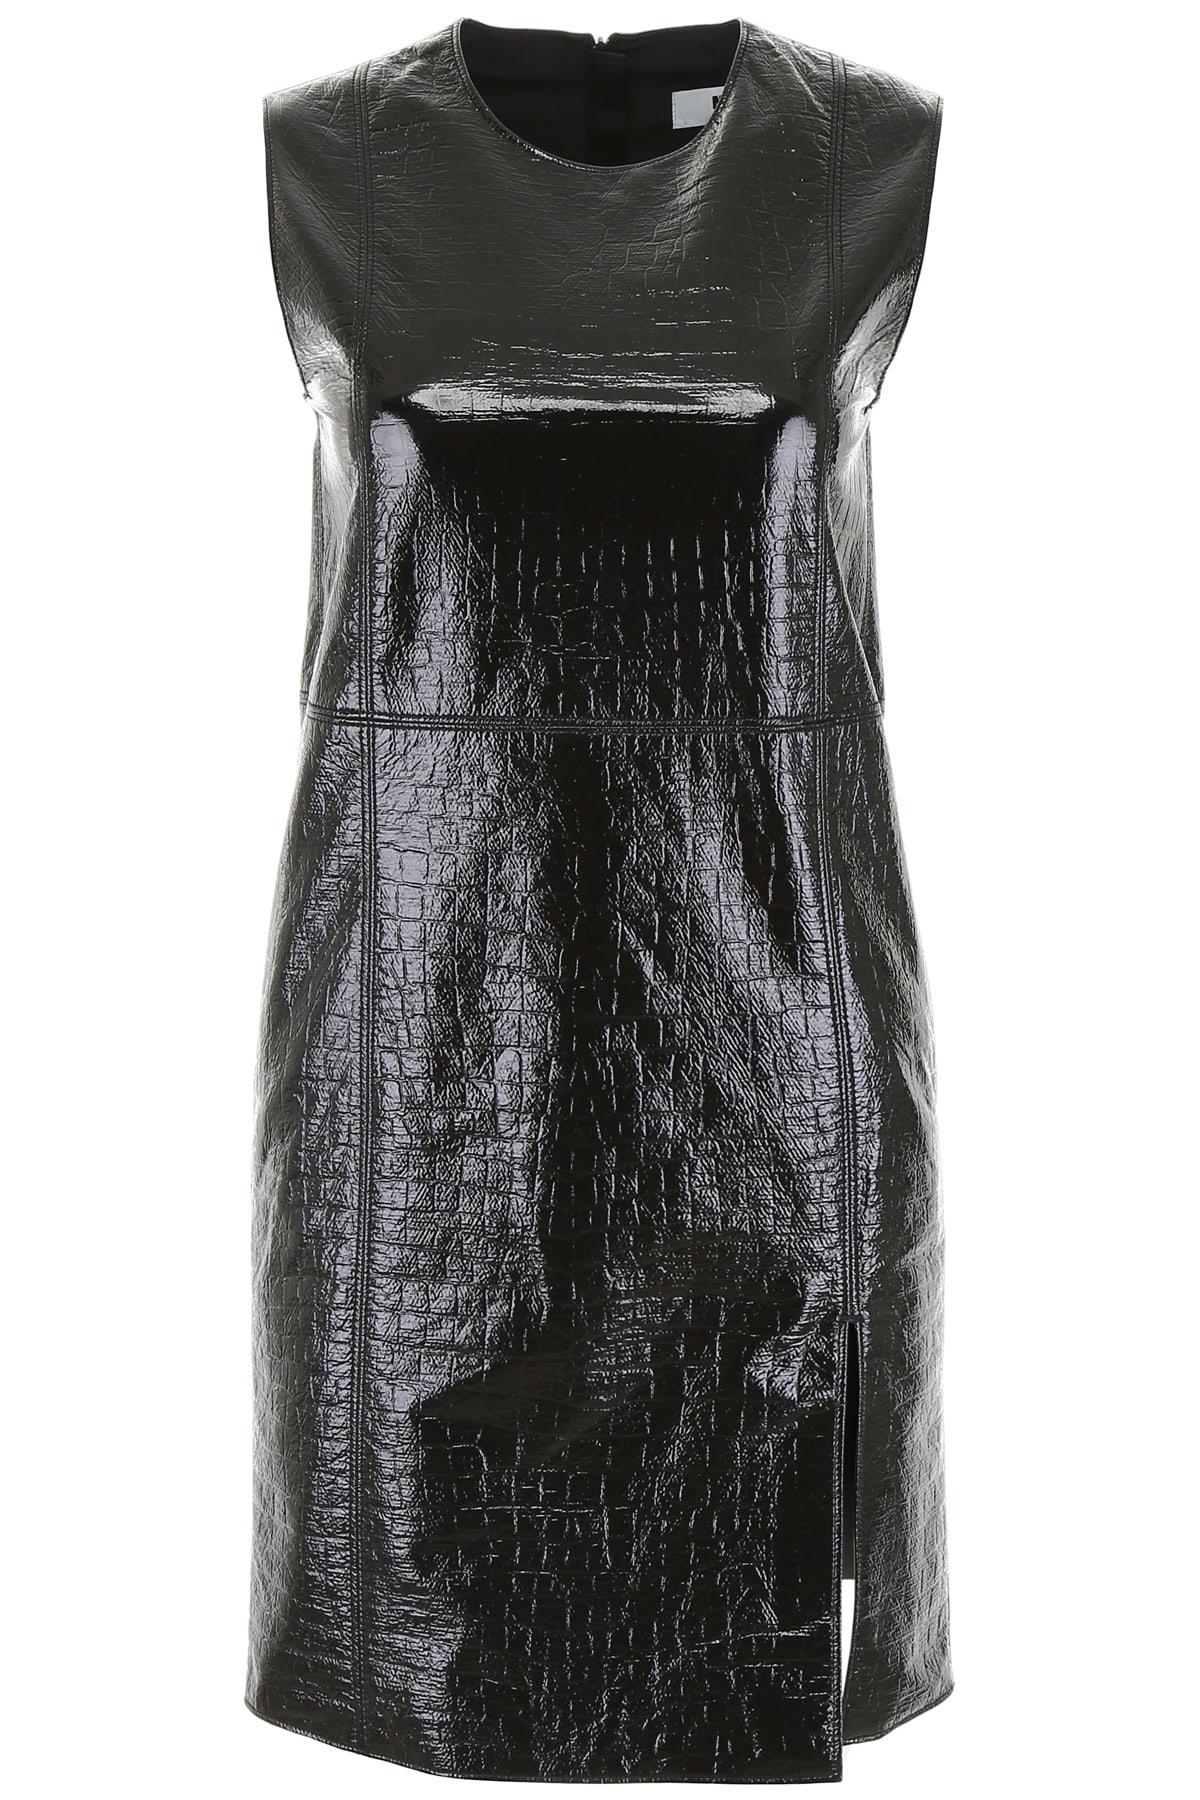 Photo of  MSGM Croc-print Mini Dress- shop MSGM  online sales